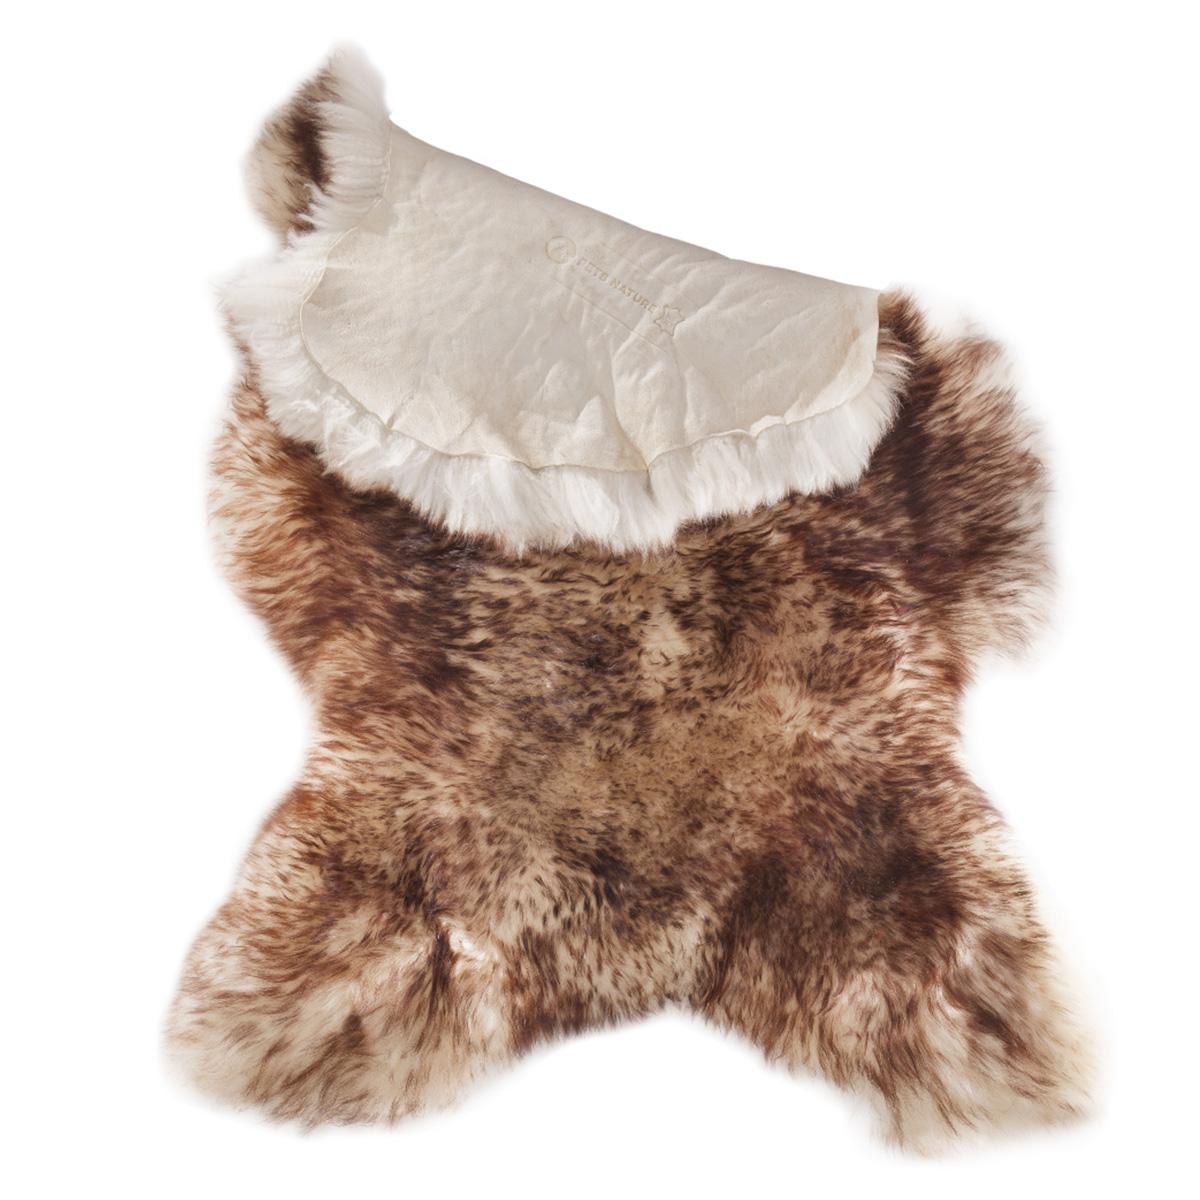 pets nature echtes schaffell braun wei kaufen bei zooroyal. Black Bedroom Furniture Sets. Home Design Ideas